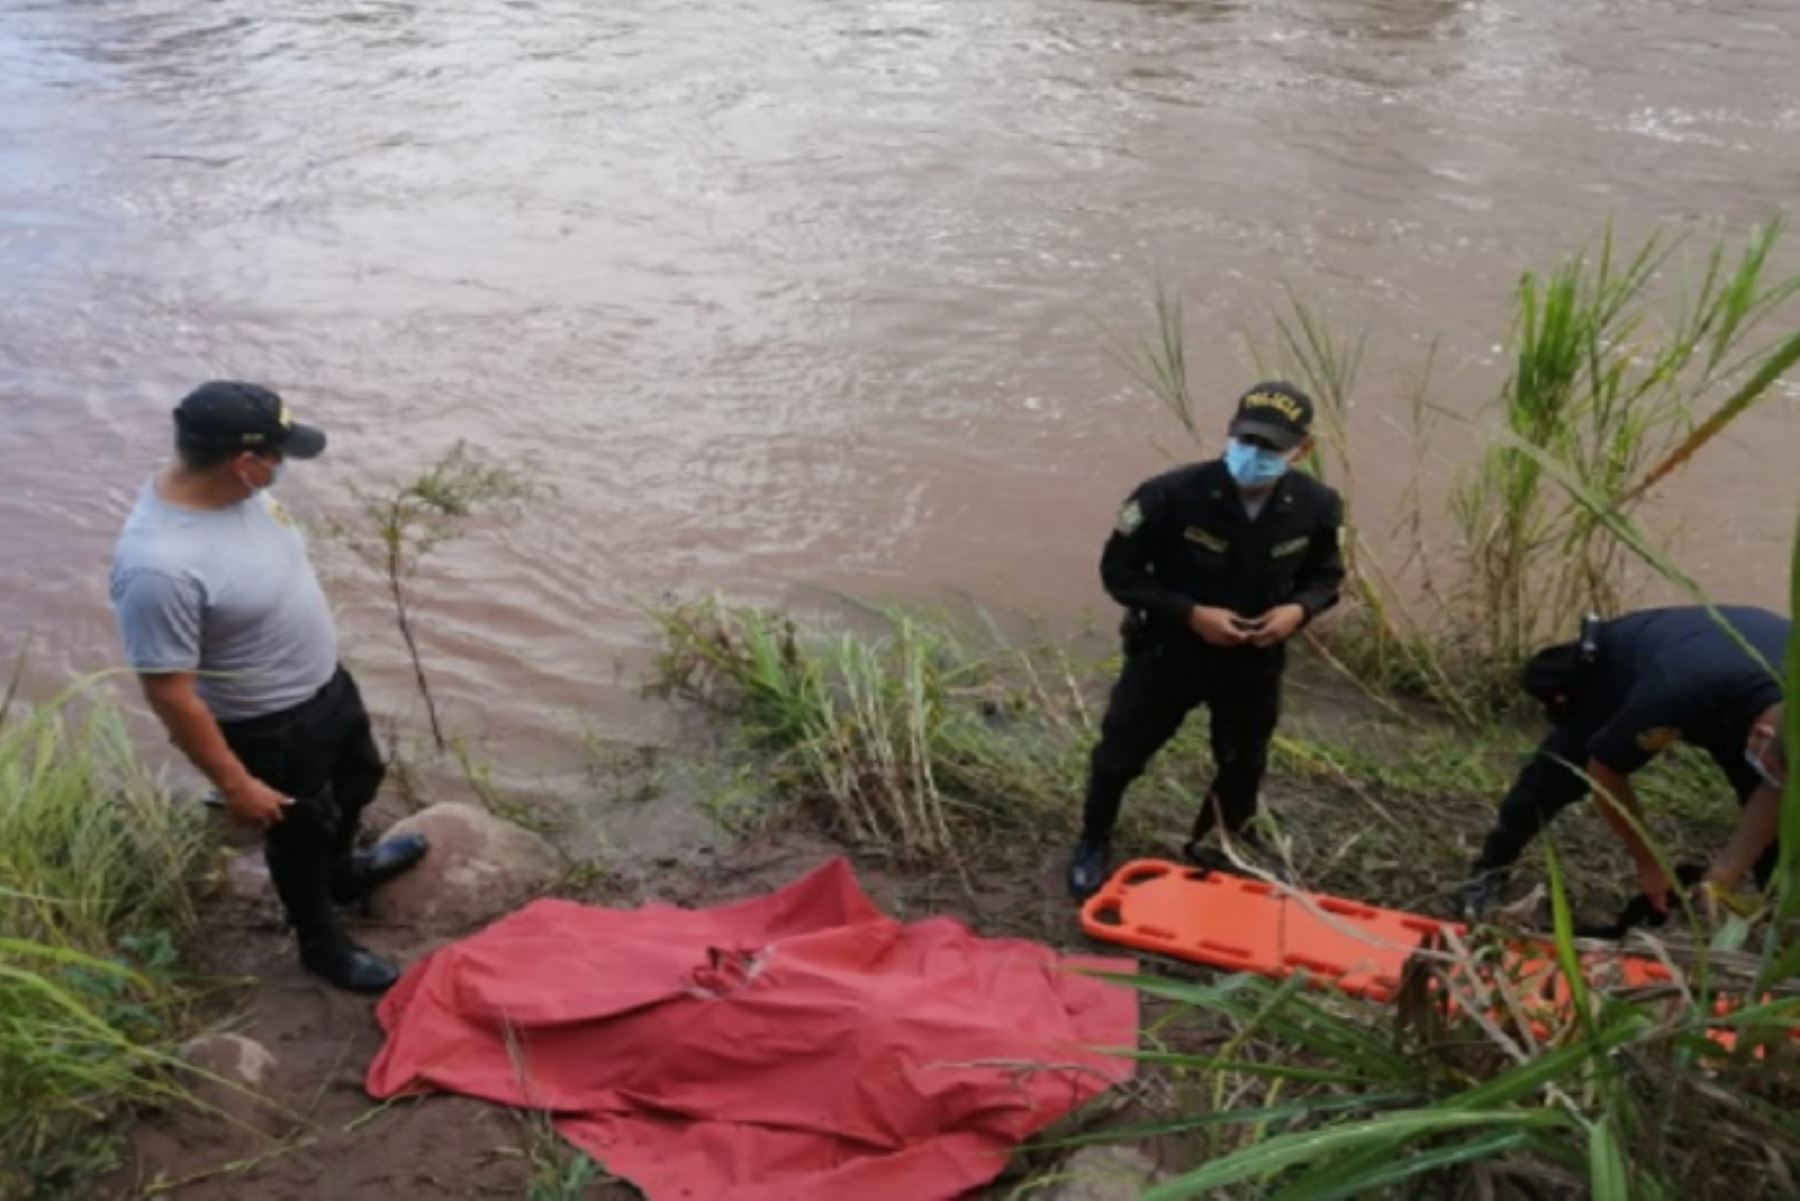 El hecho ocurrió en el río Tónchima, que cruza el caserío Libertad, hasta donde había llegado María Elizabeth Cueva Roque (30), junto con su esposo y su hija, para celebrar el cumpleaños de un familiar.